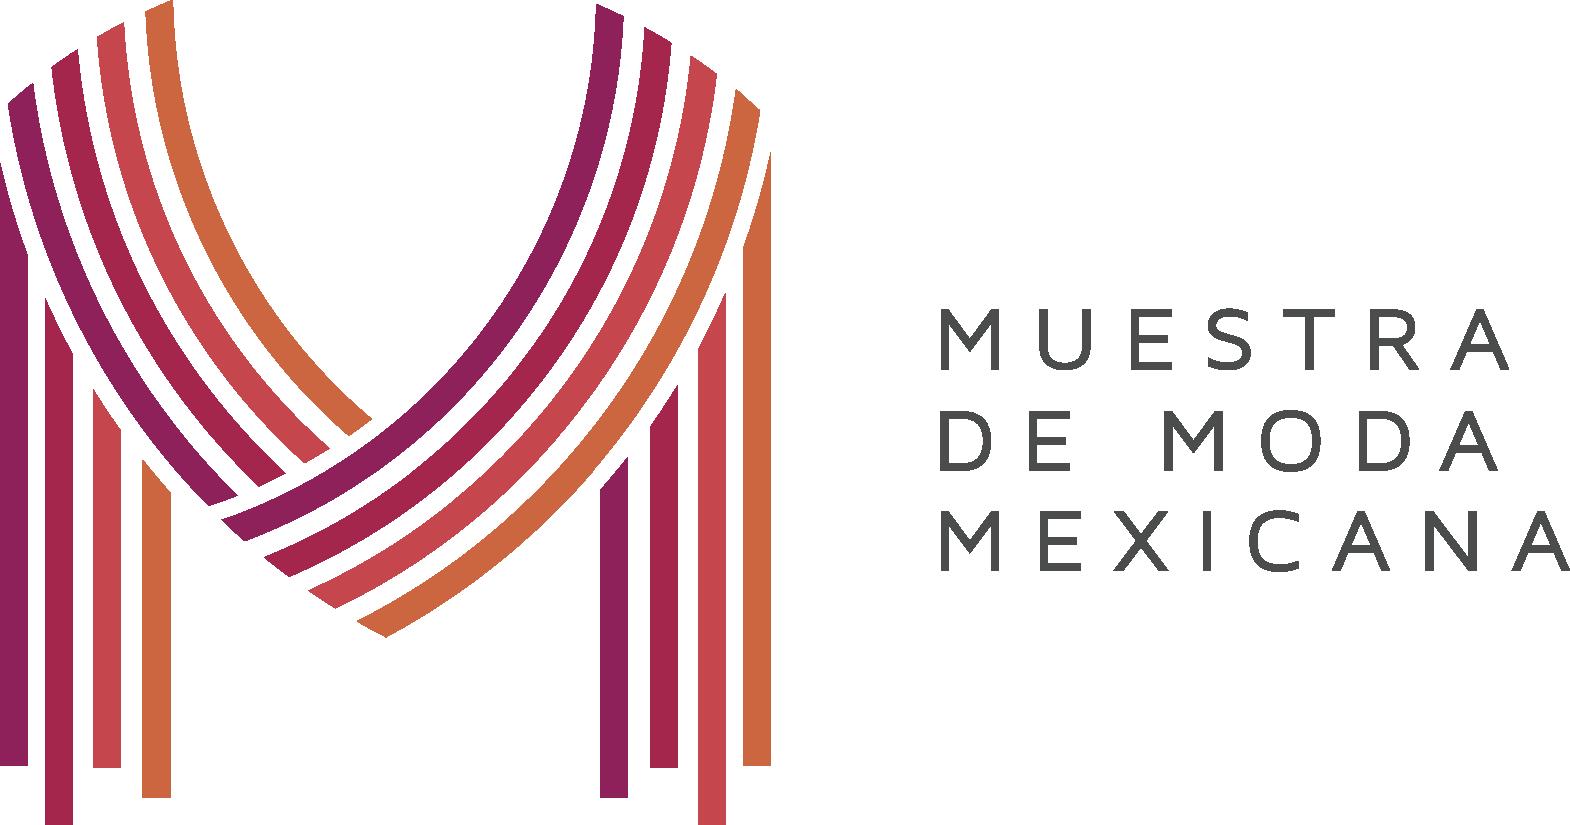 Muestra de Moda Mexicana logo